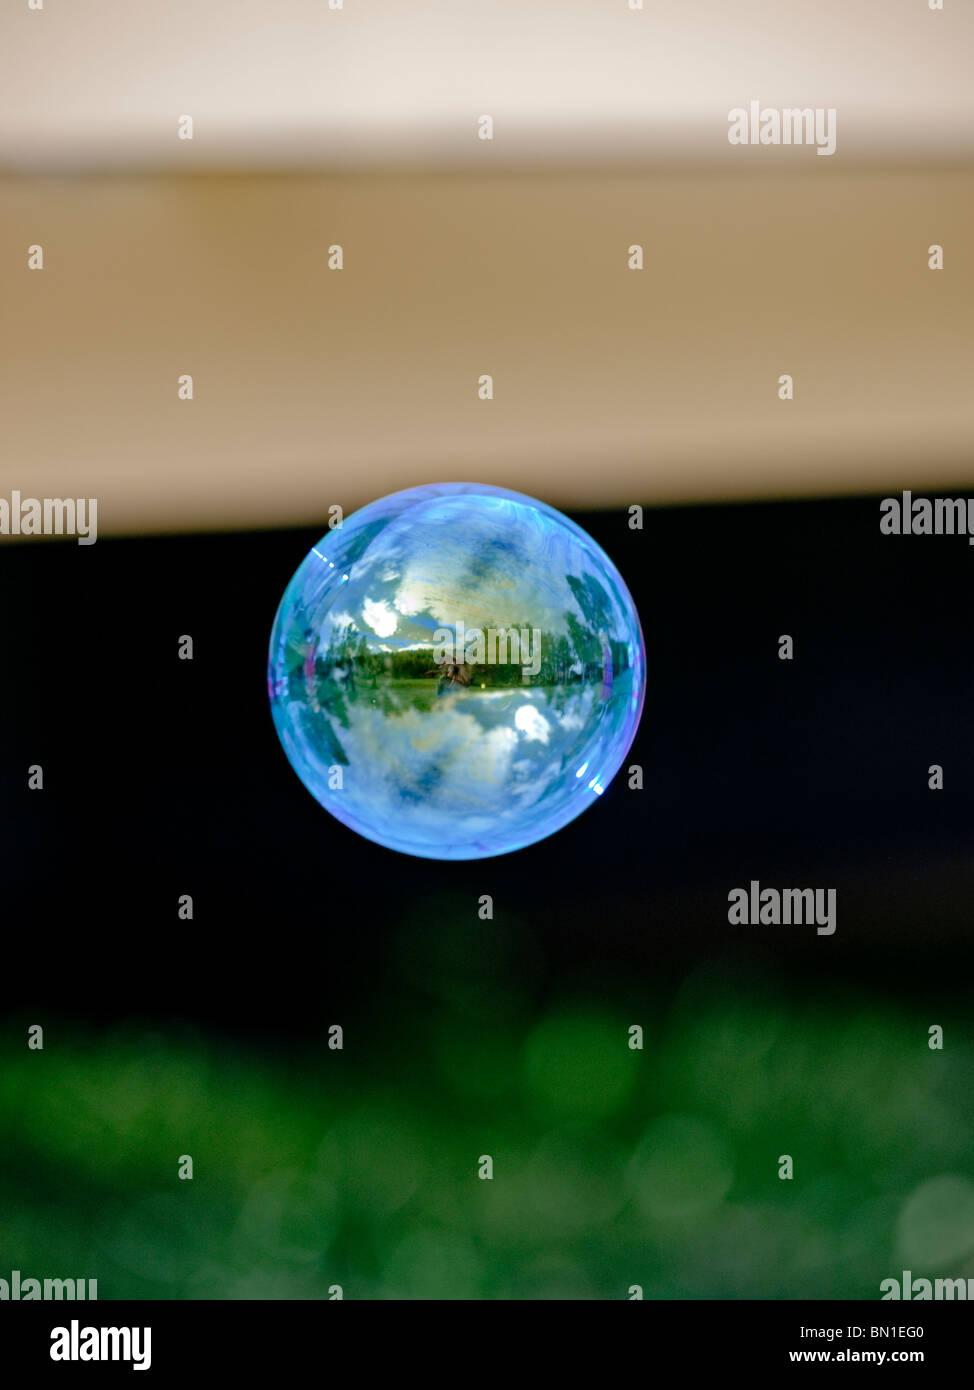 Una burbuja flotando en el aire Imagen De Stock